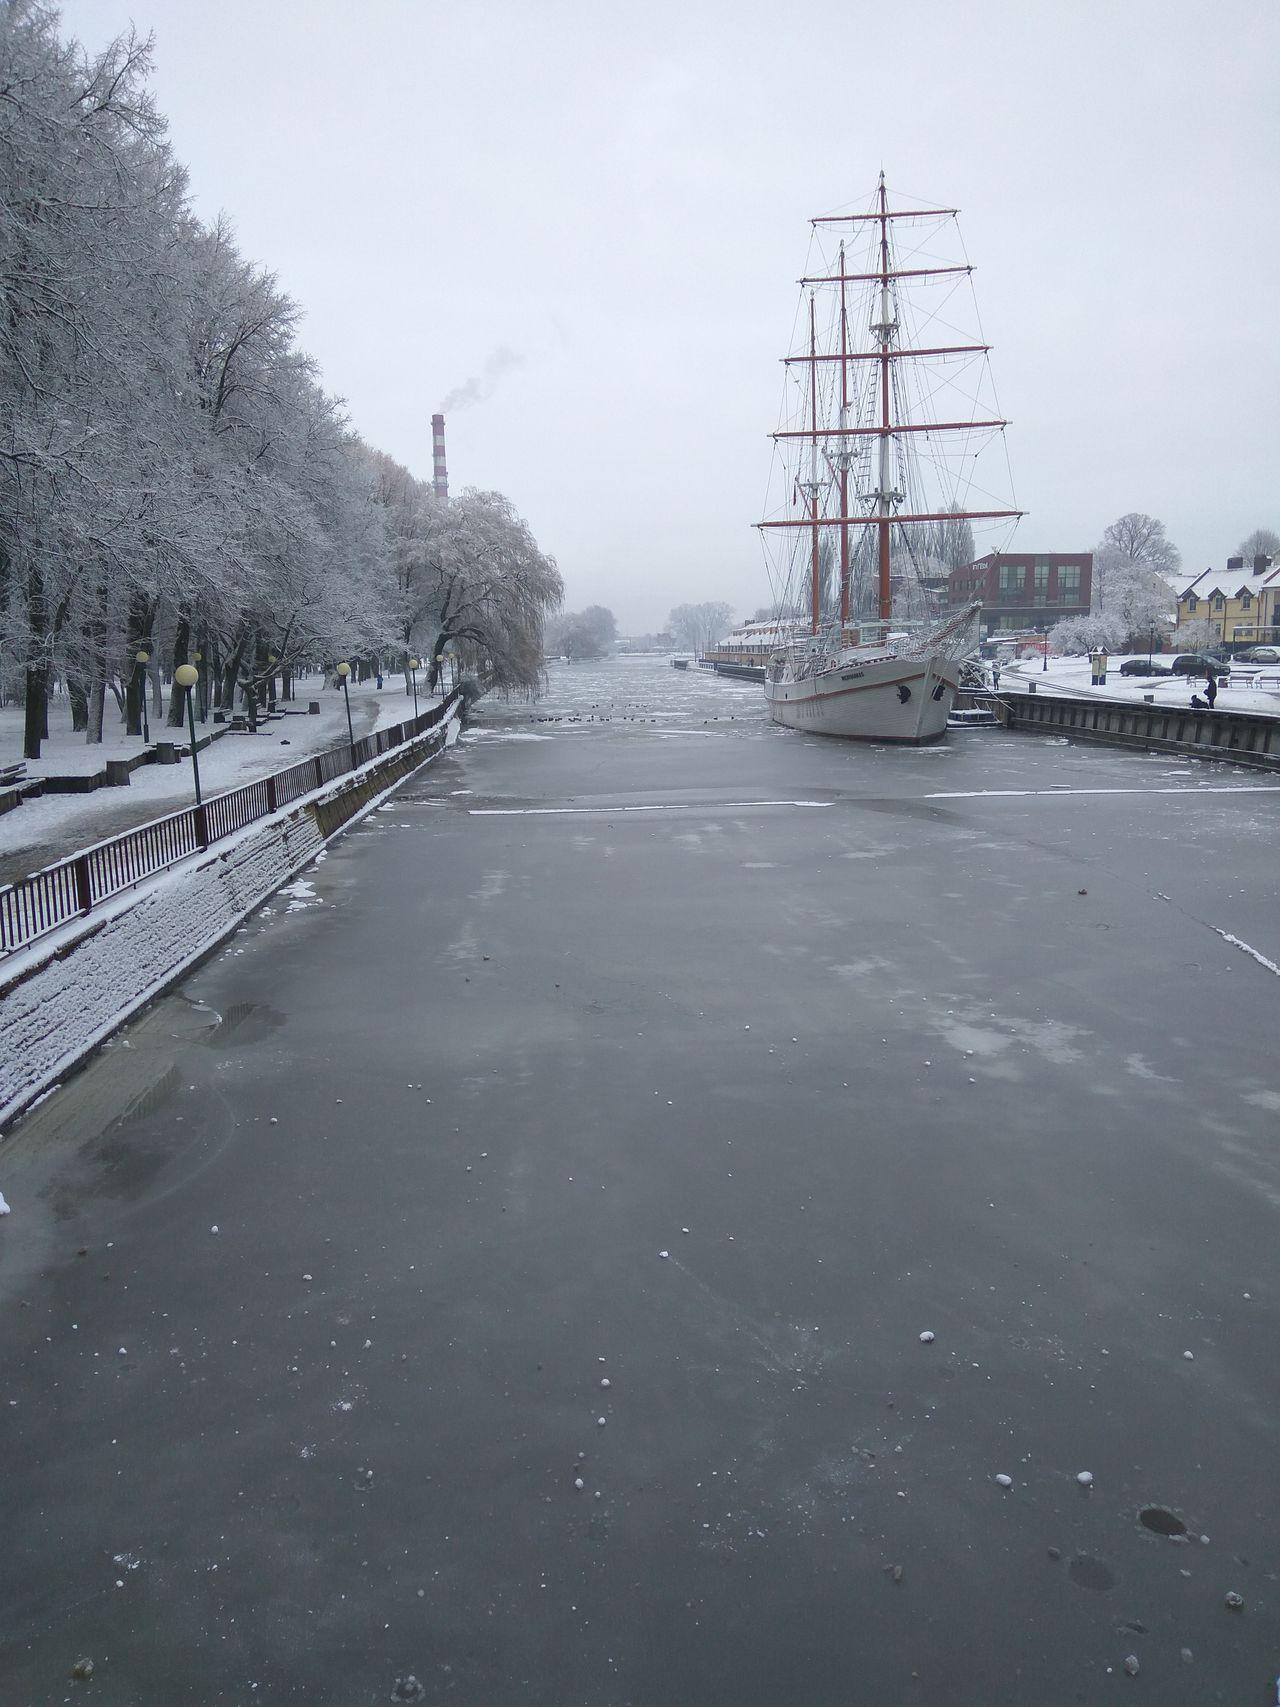 Ice Klaipeda Meridianas River Sailboat Snow Water Winter